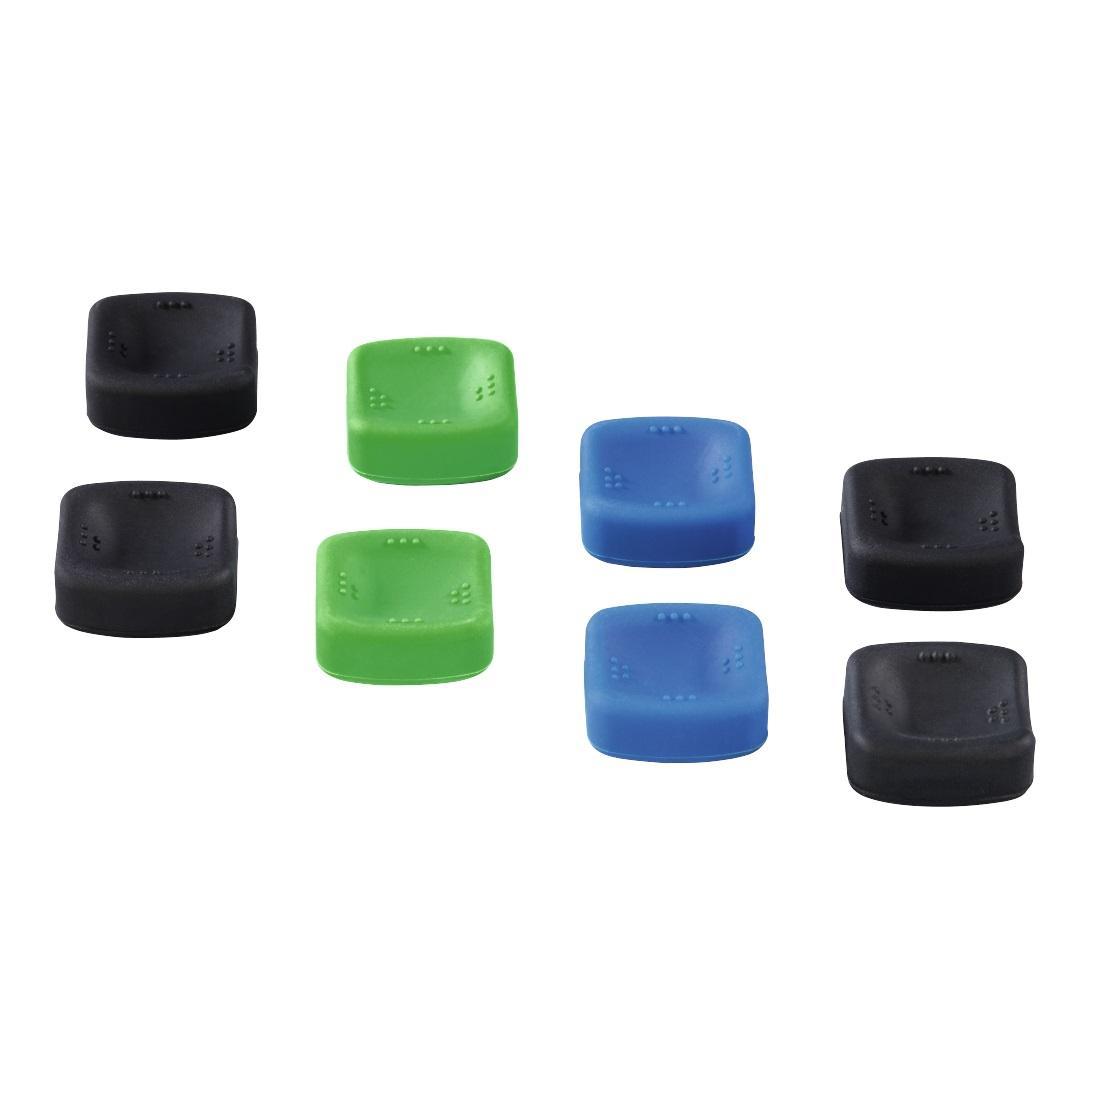 Сменяеми бутончета HAMA Square, Комплект, 8-in-1 за PS4/Xbox One, черен/зелен/син